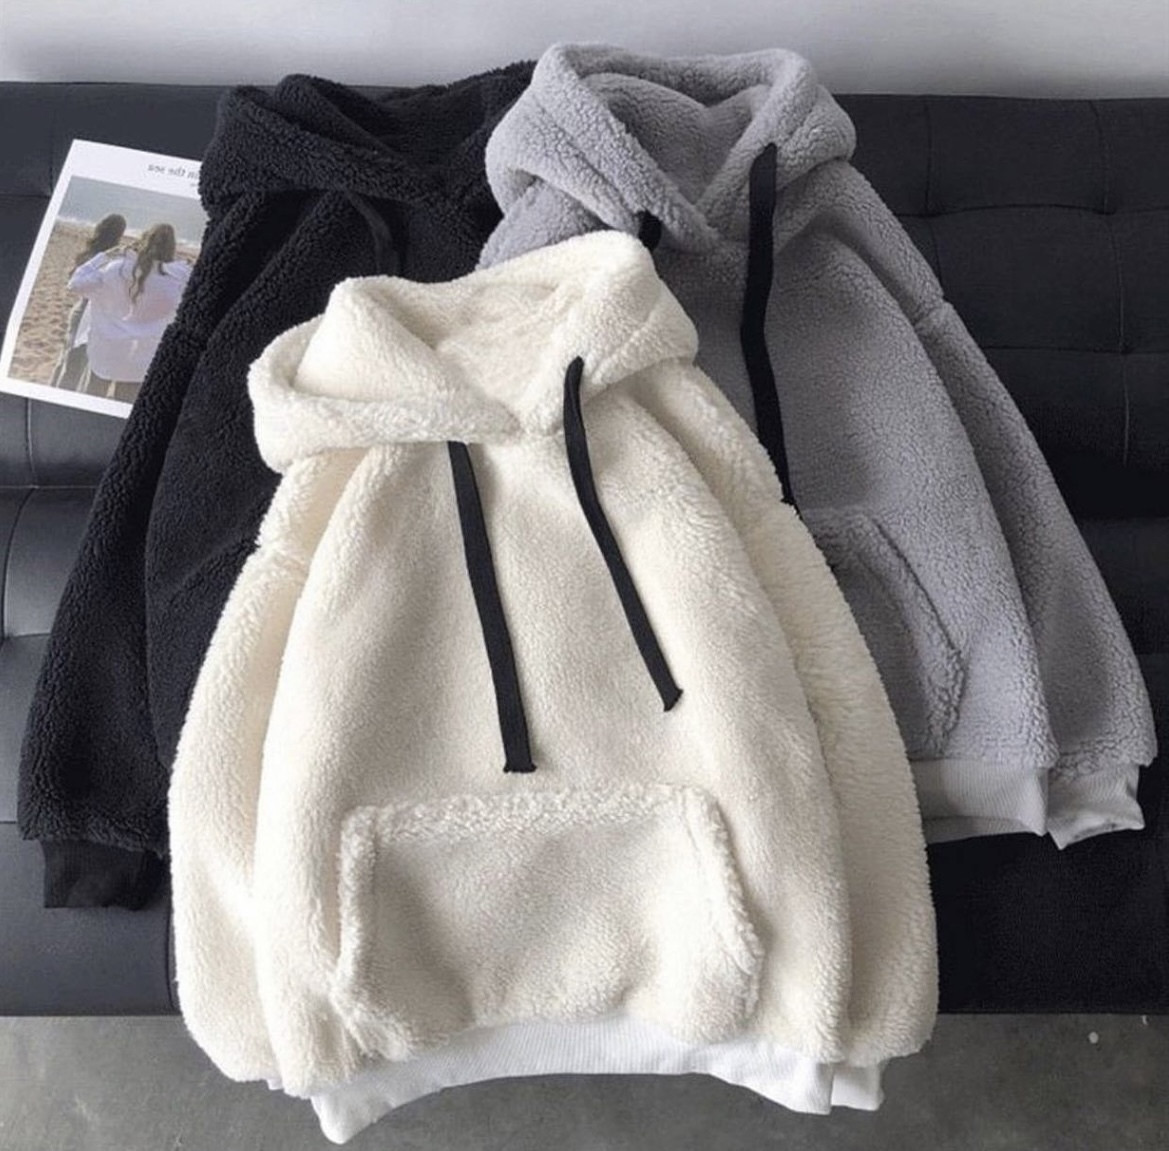 Жіноча зимове худі на хутрі супер тепле 42-46 оверсайз сіре чорне біле тедді з капюшоном стильне модне